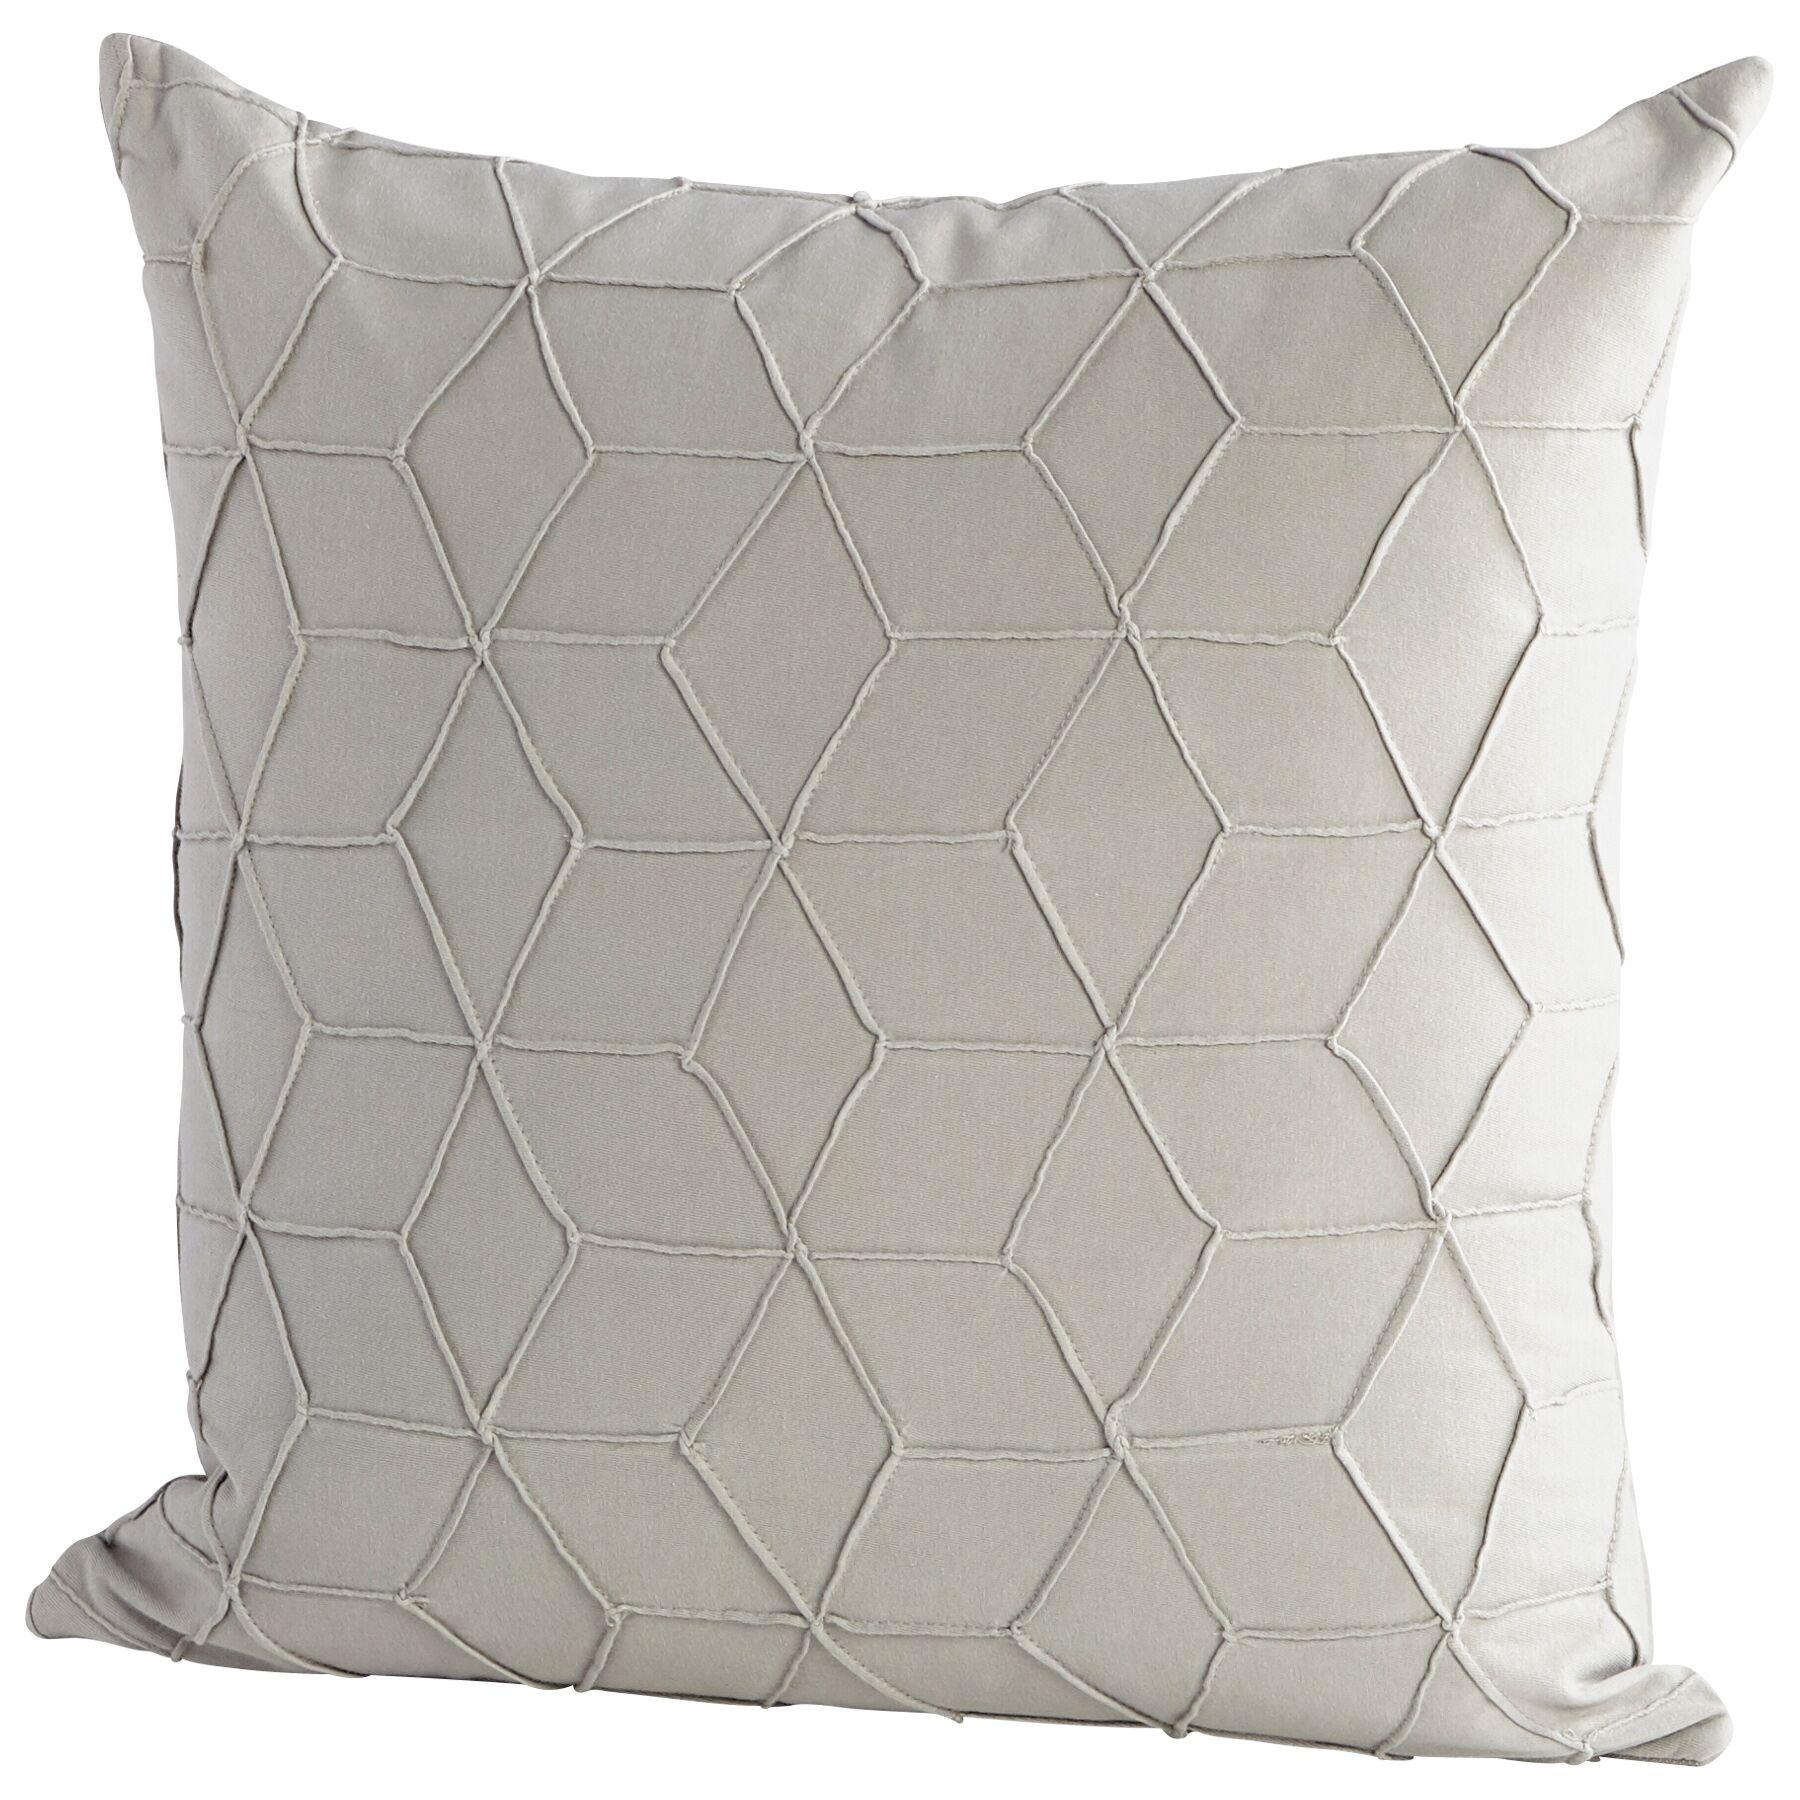 Zeta Decorative Cotton Throw Pillow Color: Gray